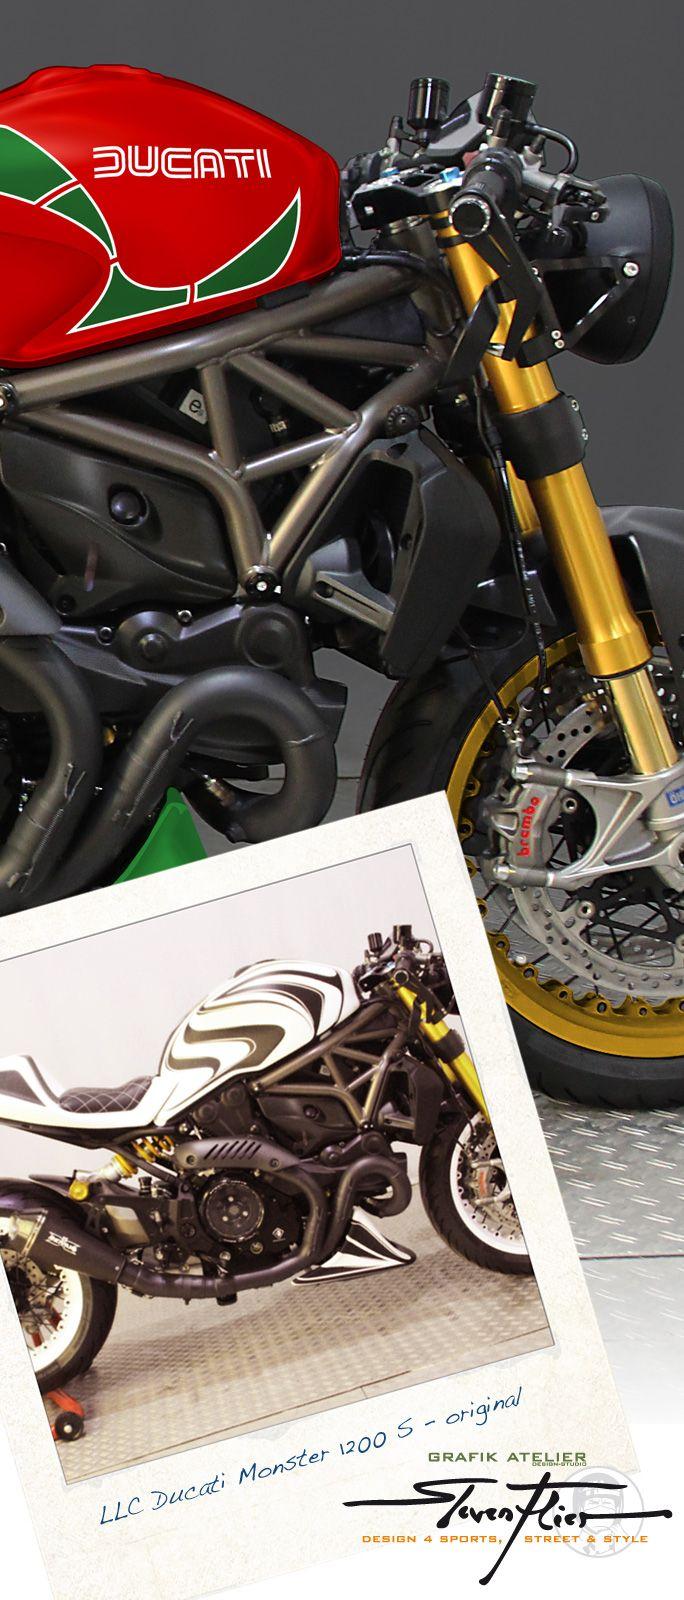 grafik atelier steven flier | limbaecher-custom – llc ducati